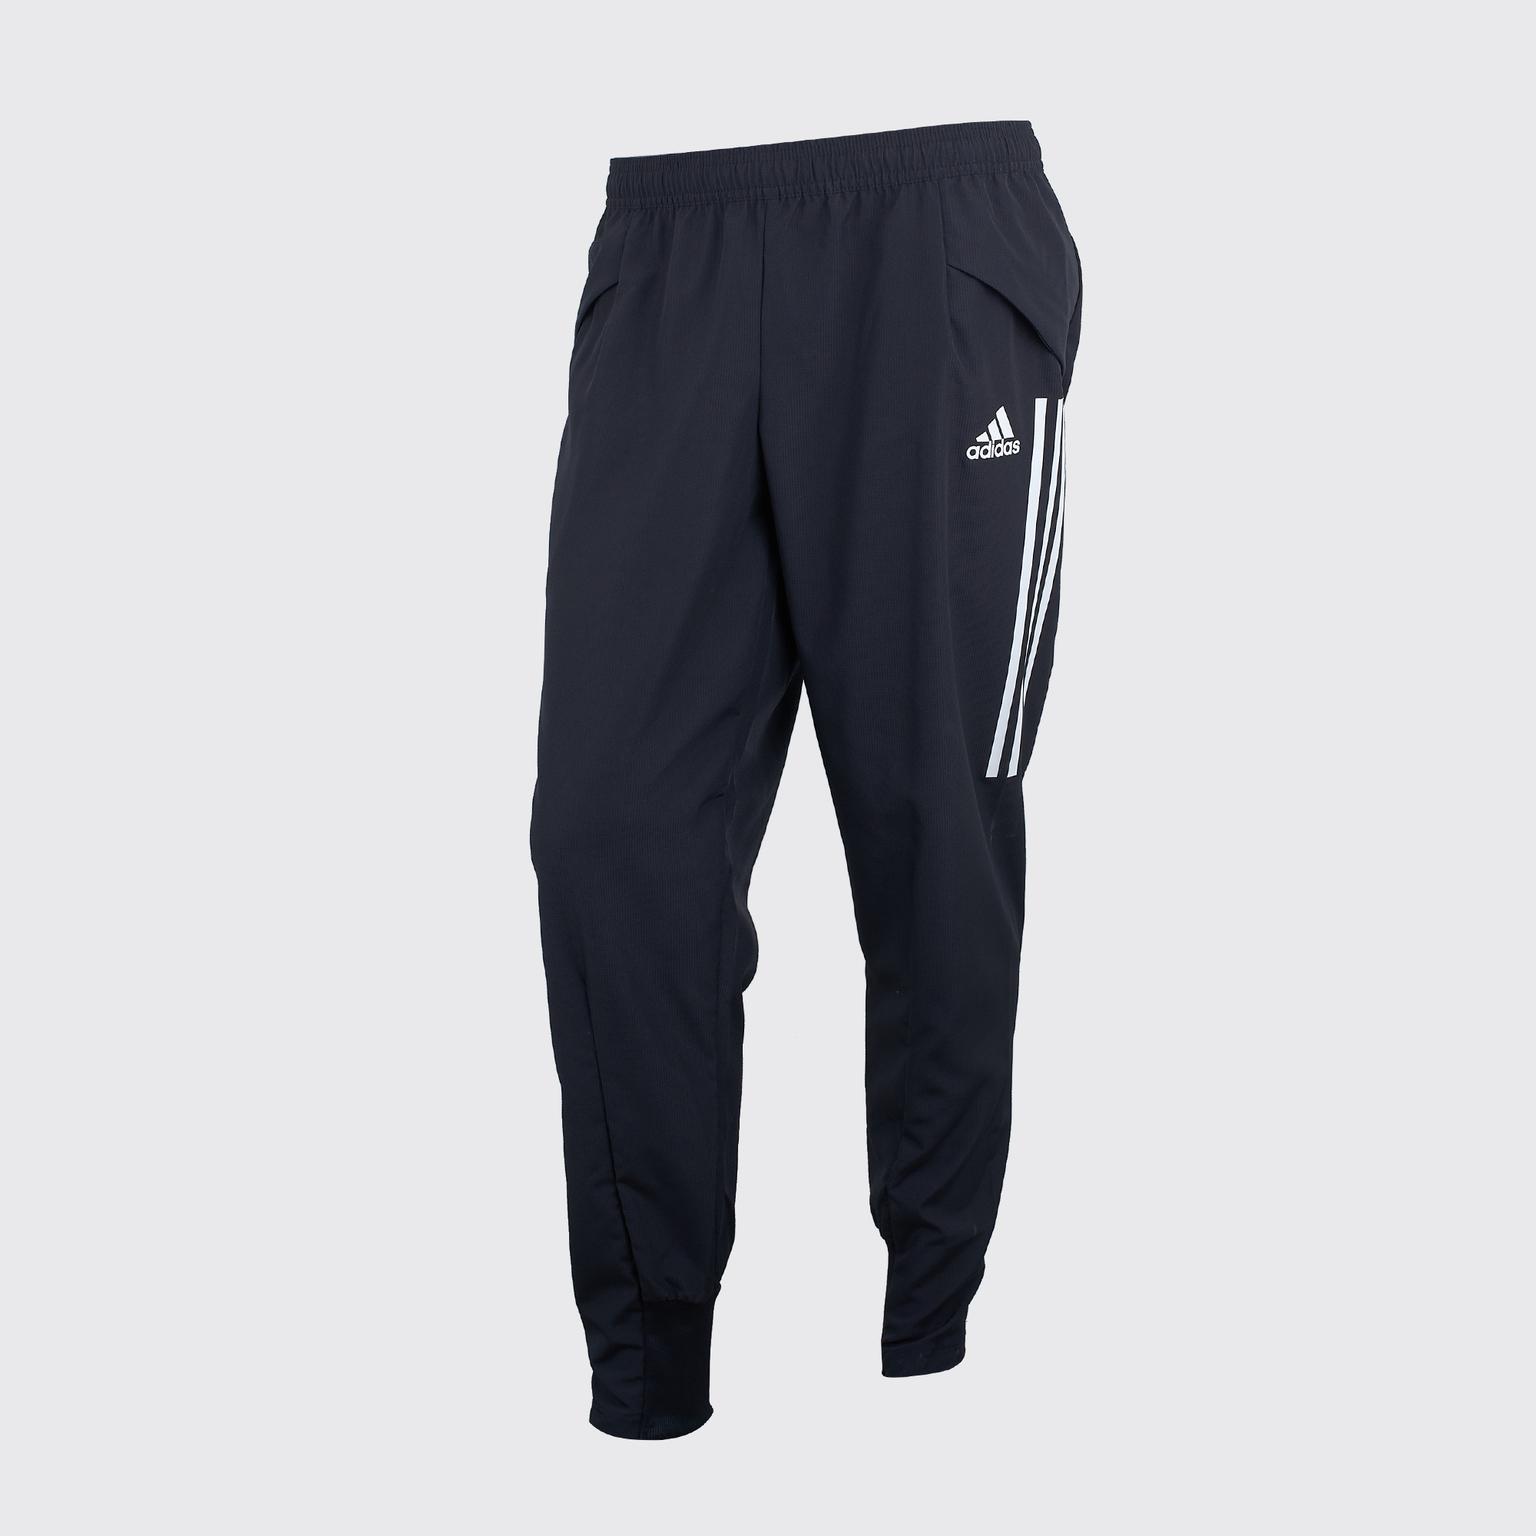 Брюки тренировочные Adidas Con20 Pre Pant EA2491 цена